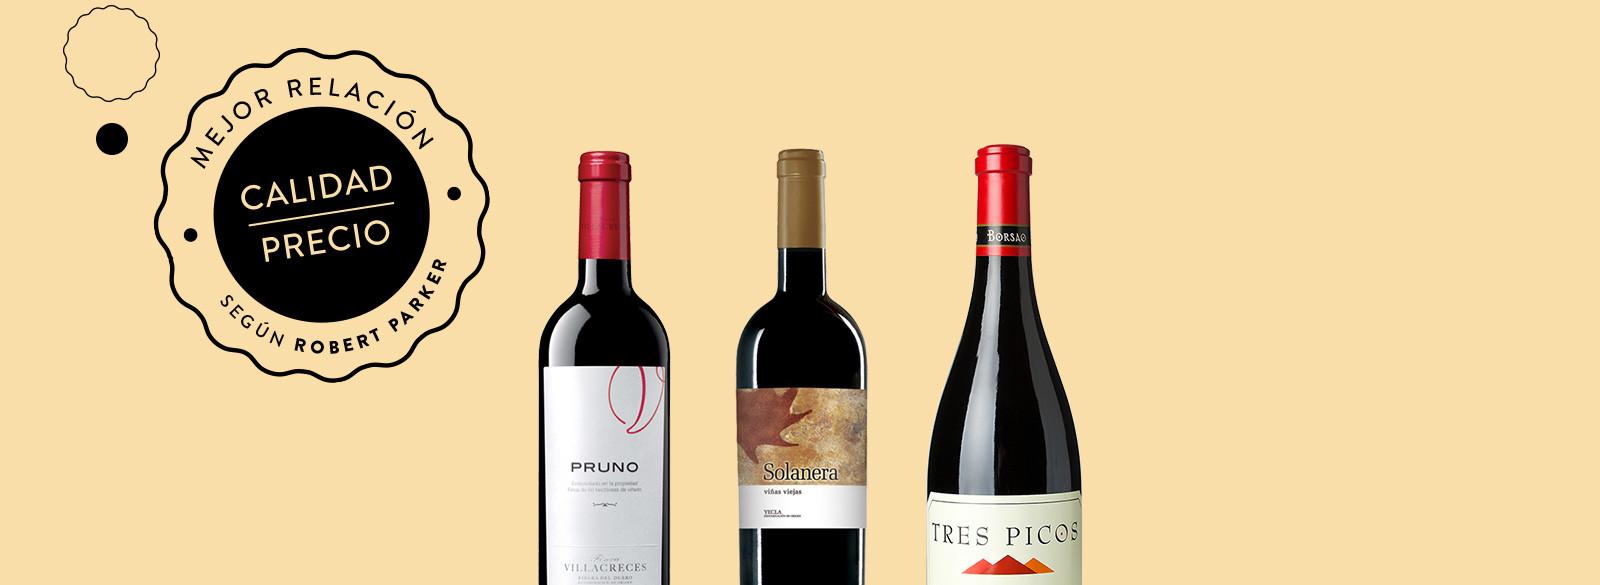 Tres vinos espa oles tienen la mejor relaci n calidad for Mejor pintura interior calidad precio